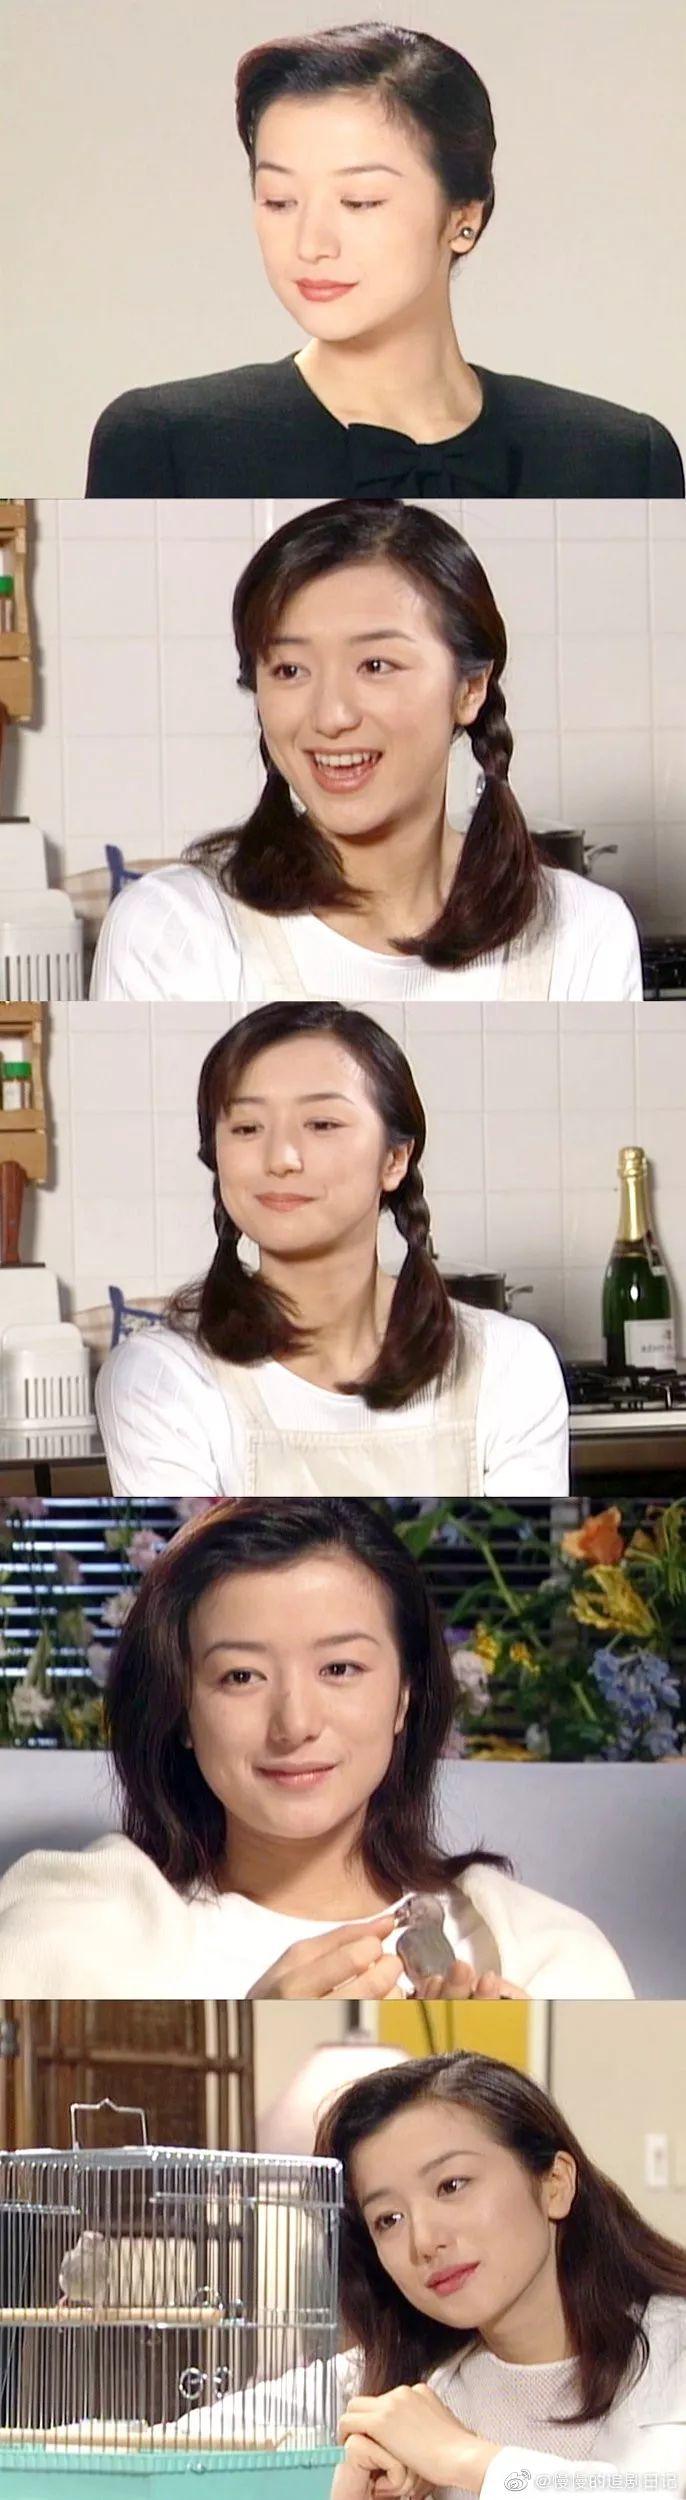 京香 鈴木